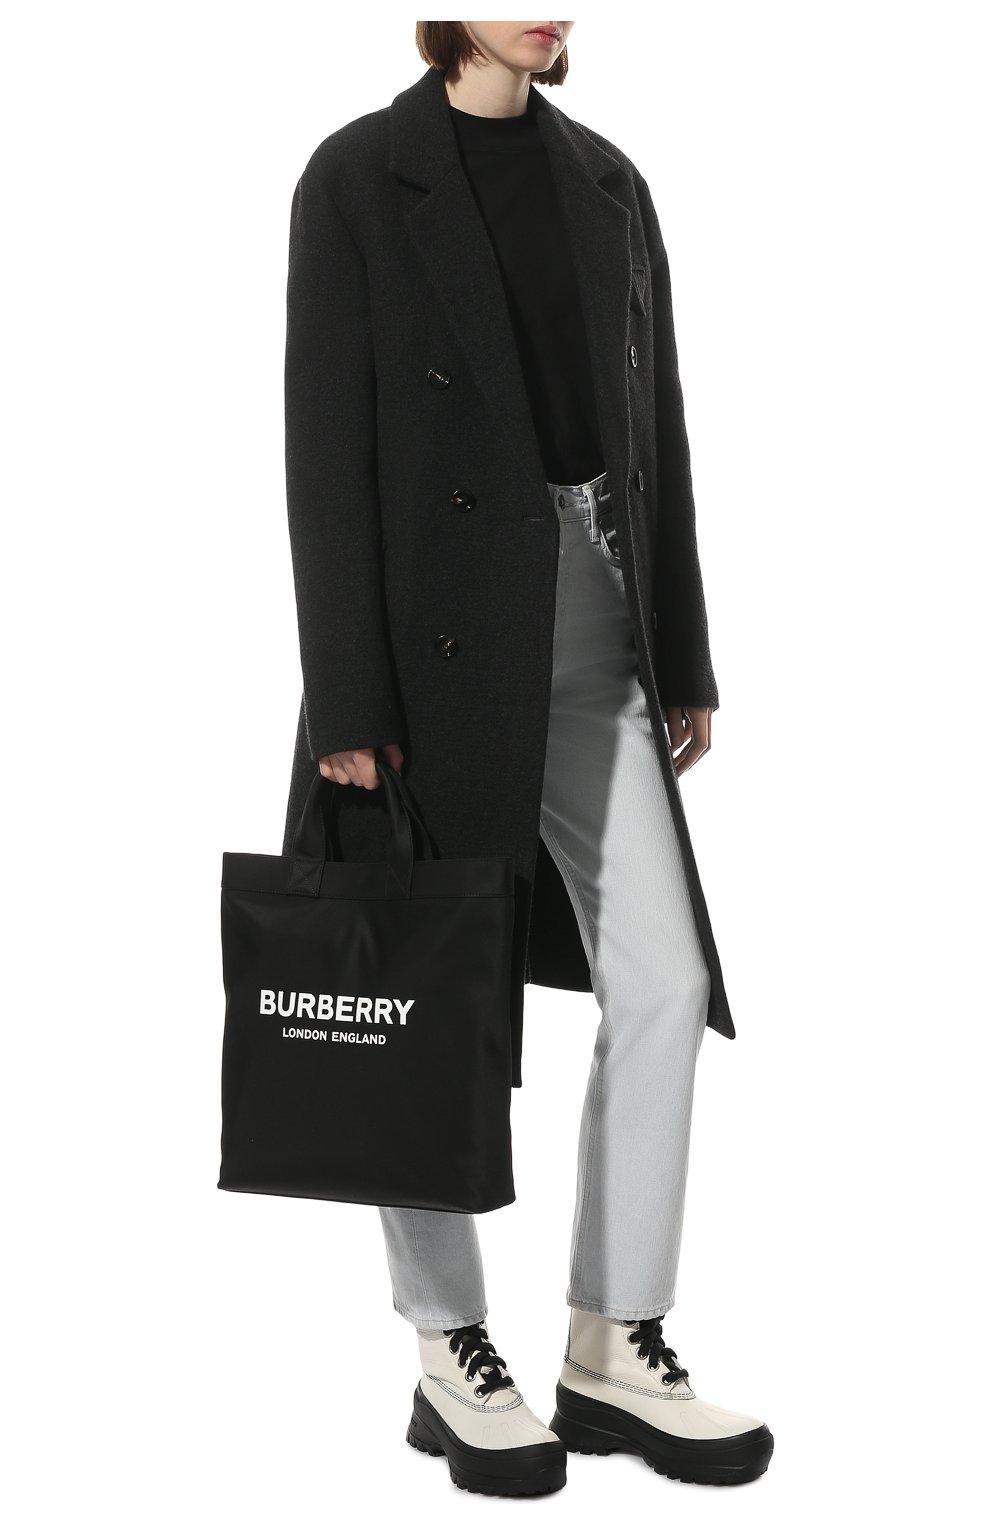 Женские кожаные ботинки JIL SANDER белого цвета, арт. JP37003A-14502 | Фото 2 (Подошва: Платформа; Каблук высота: Низкий; Женское Кросс-КТ: Военные ботинки; Материал внутренний: Текстиль)